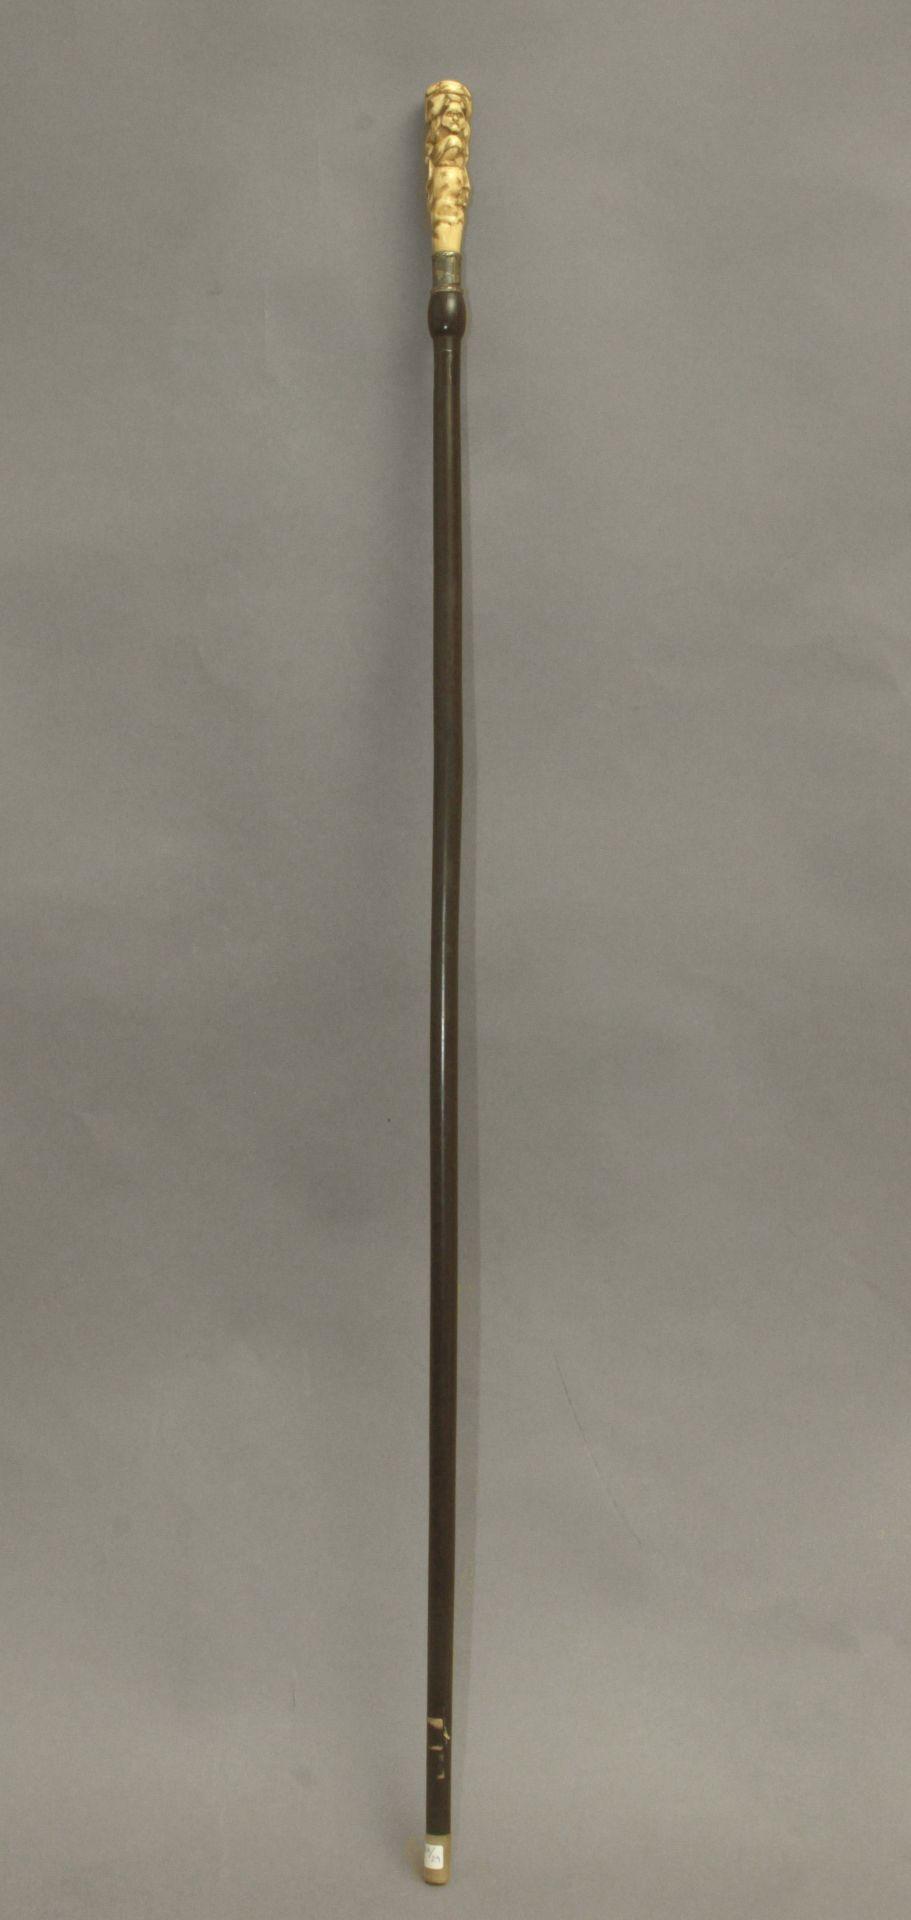 A 19th century Japanese walking stick - Bild 2 aus 6